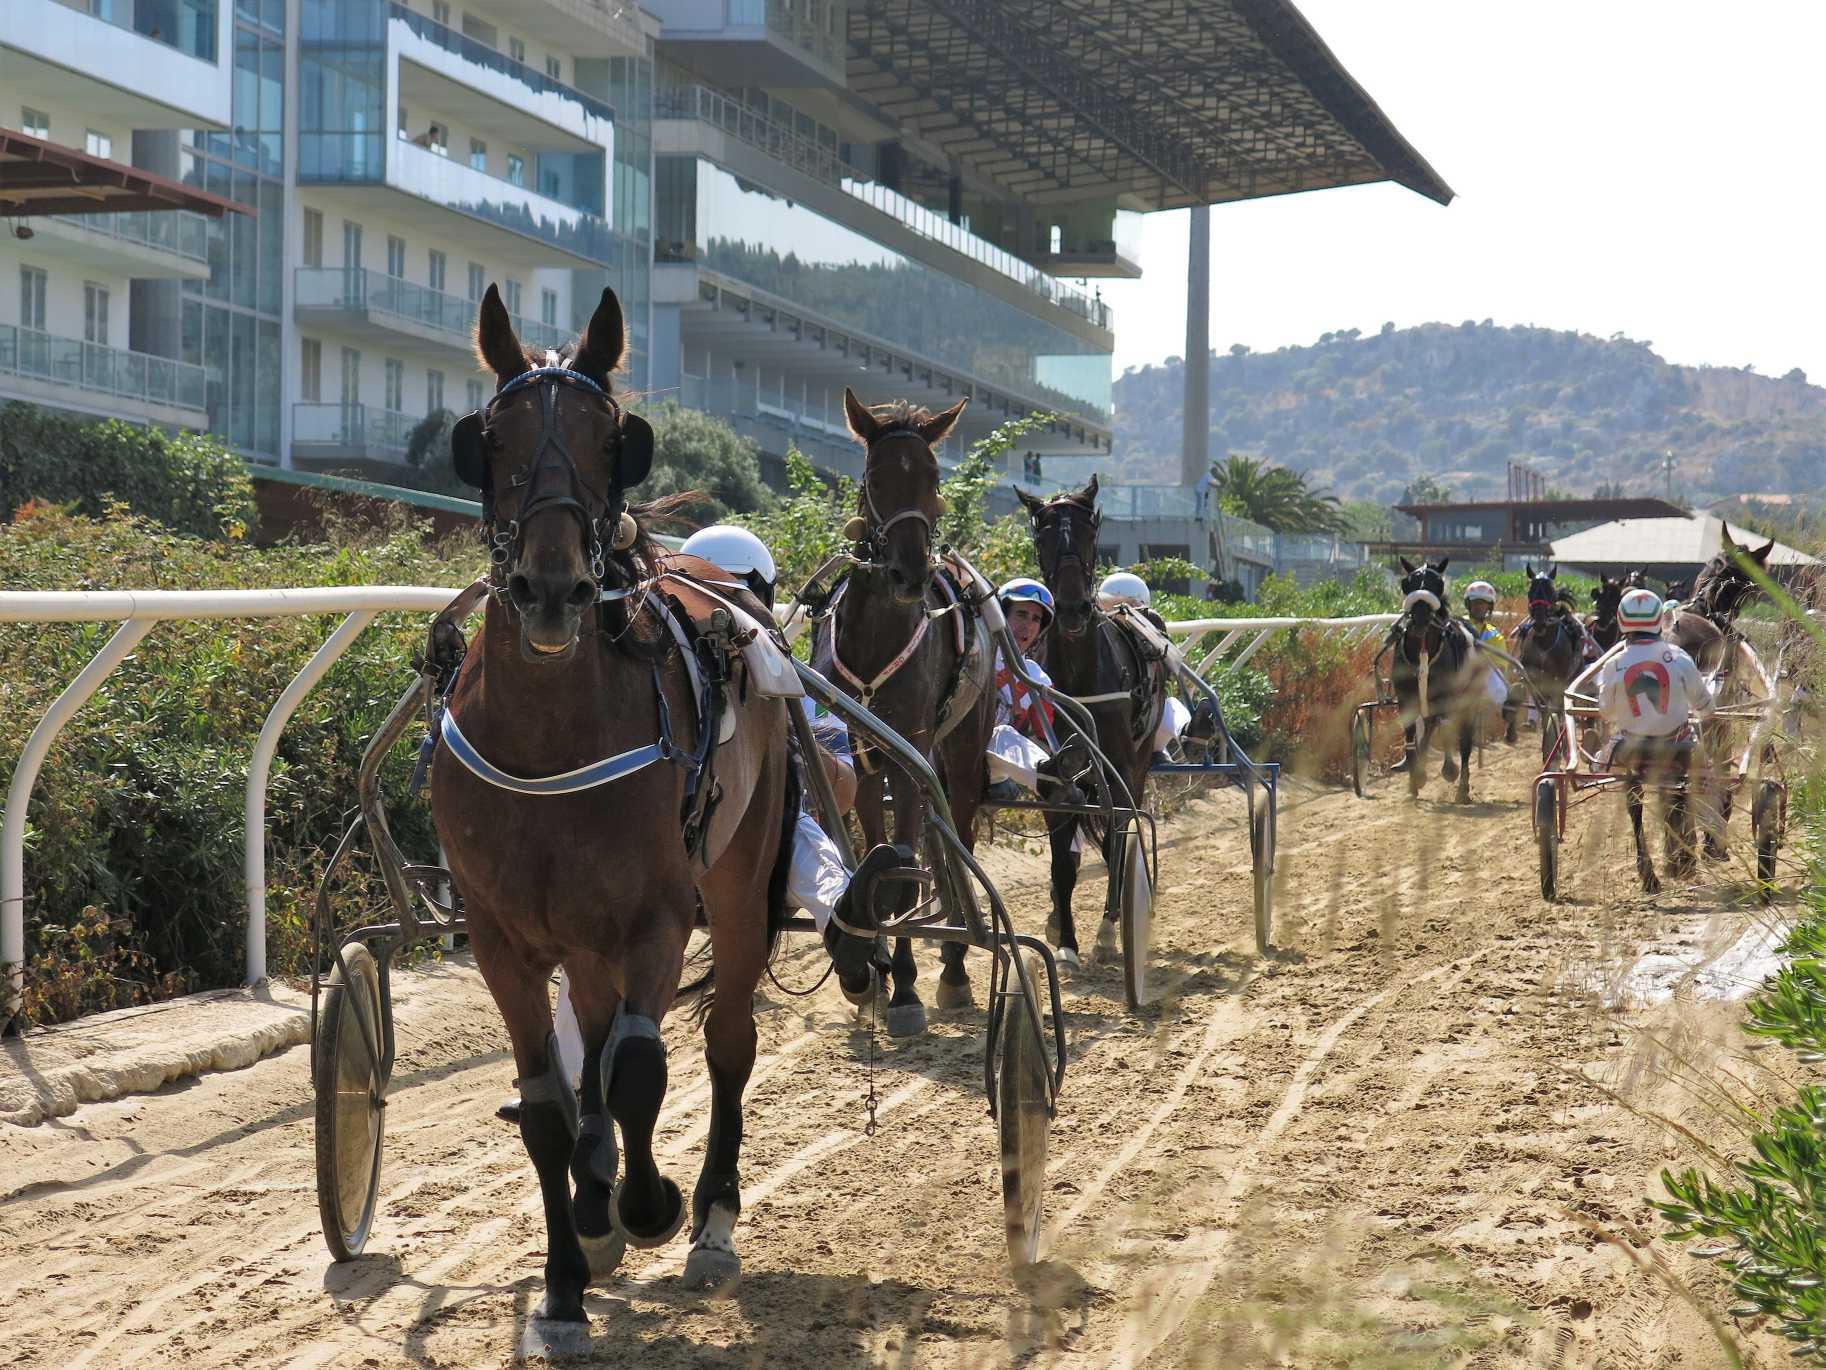 Trotto a Siracusa, in pista per due qualificazioni al trofeo Regioni d'Italia